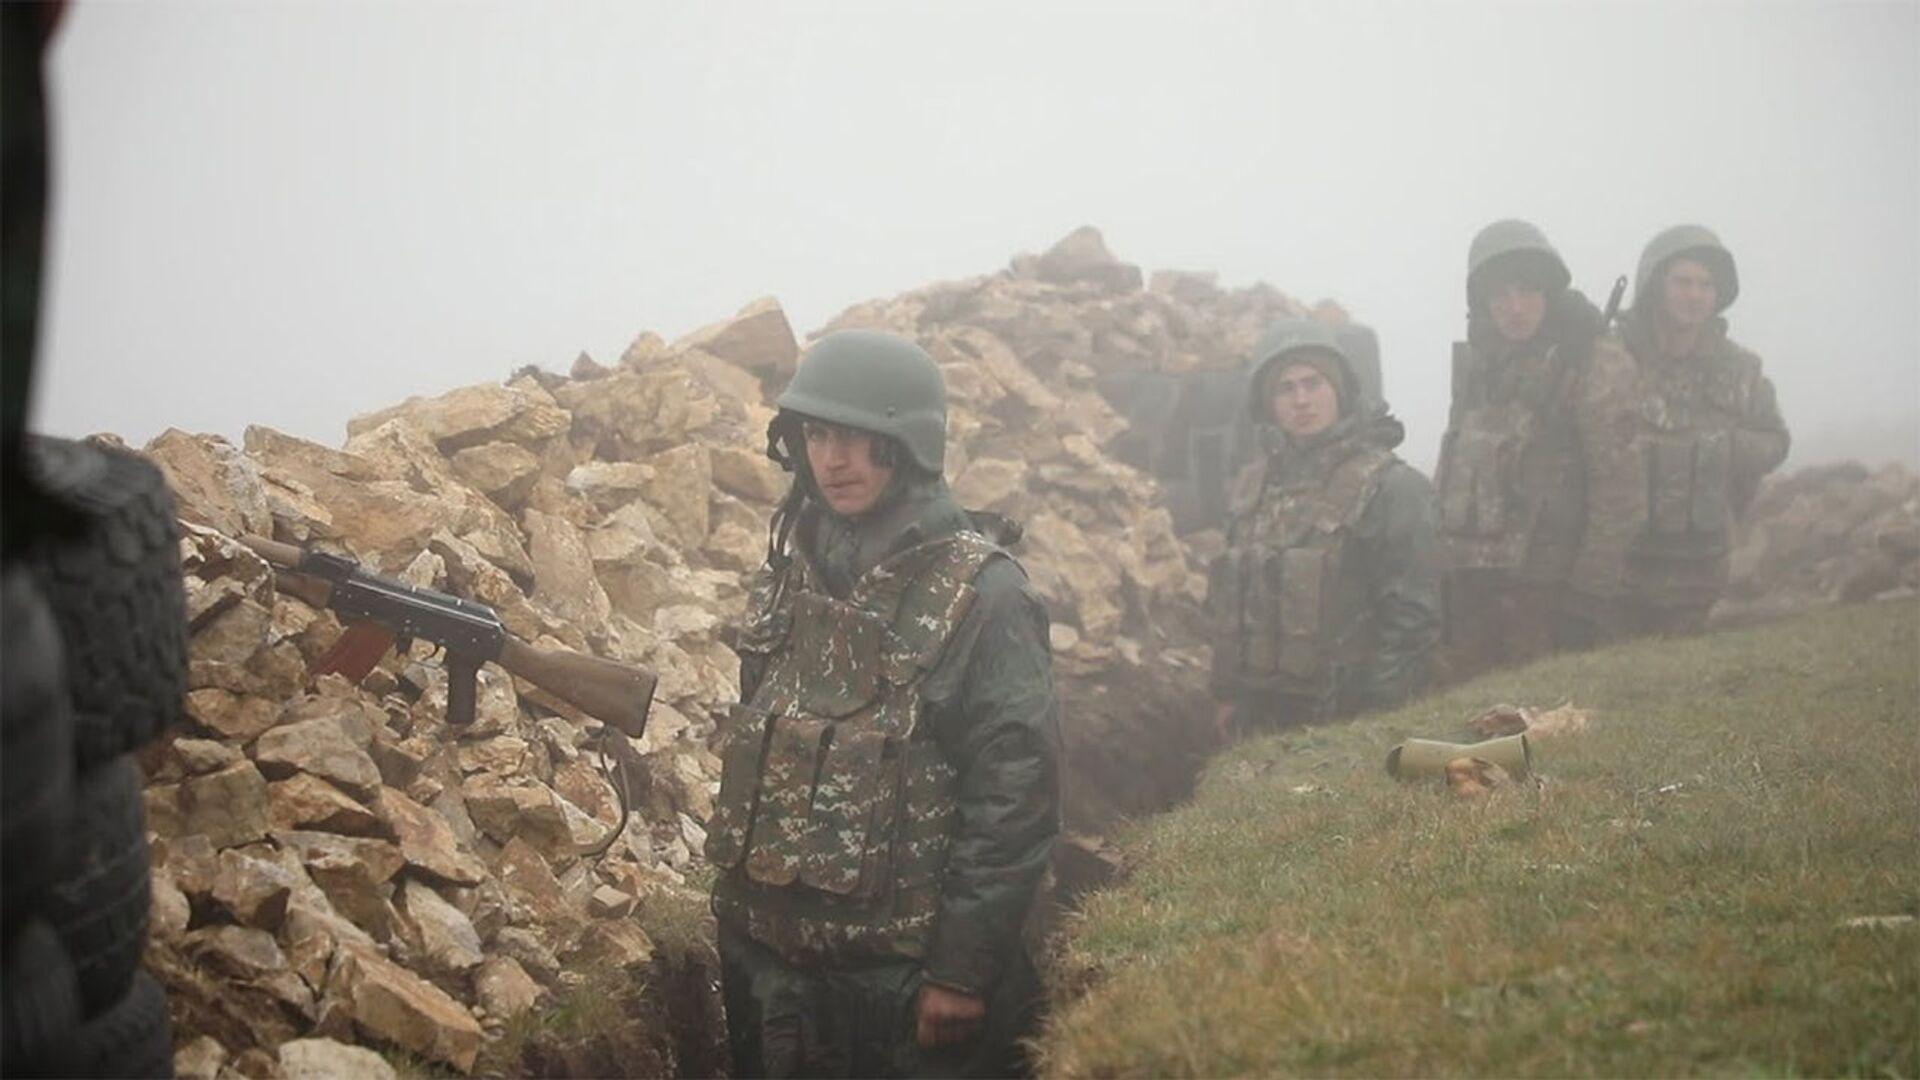 Противник не только был отброшен, но и понес потери – видео с боевого поста ВС Армении - Sputnik Армения, 1920, 28.07.2021